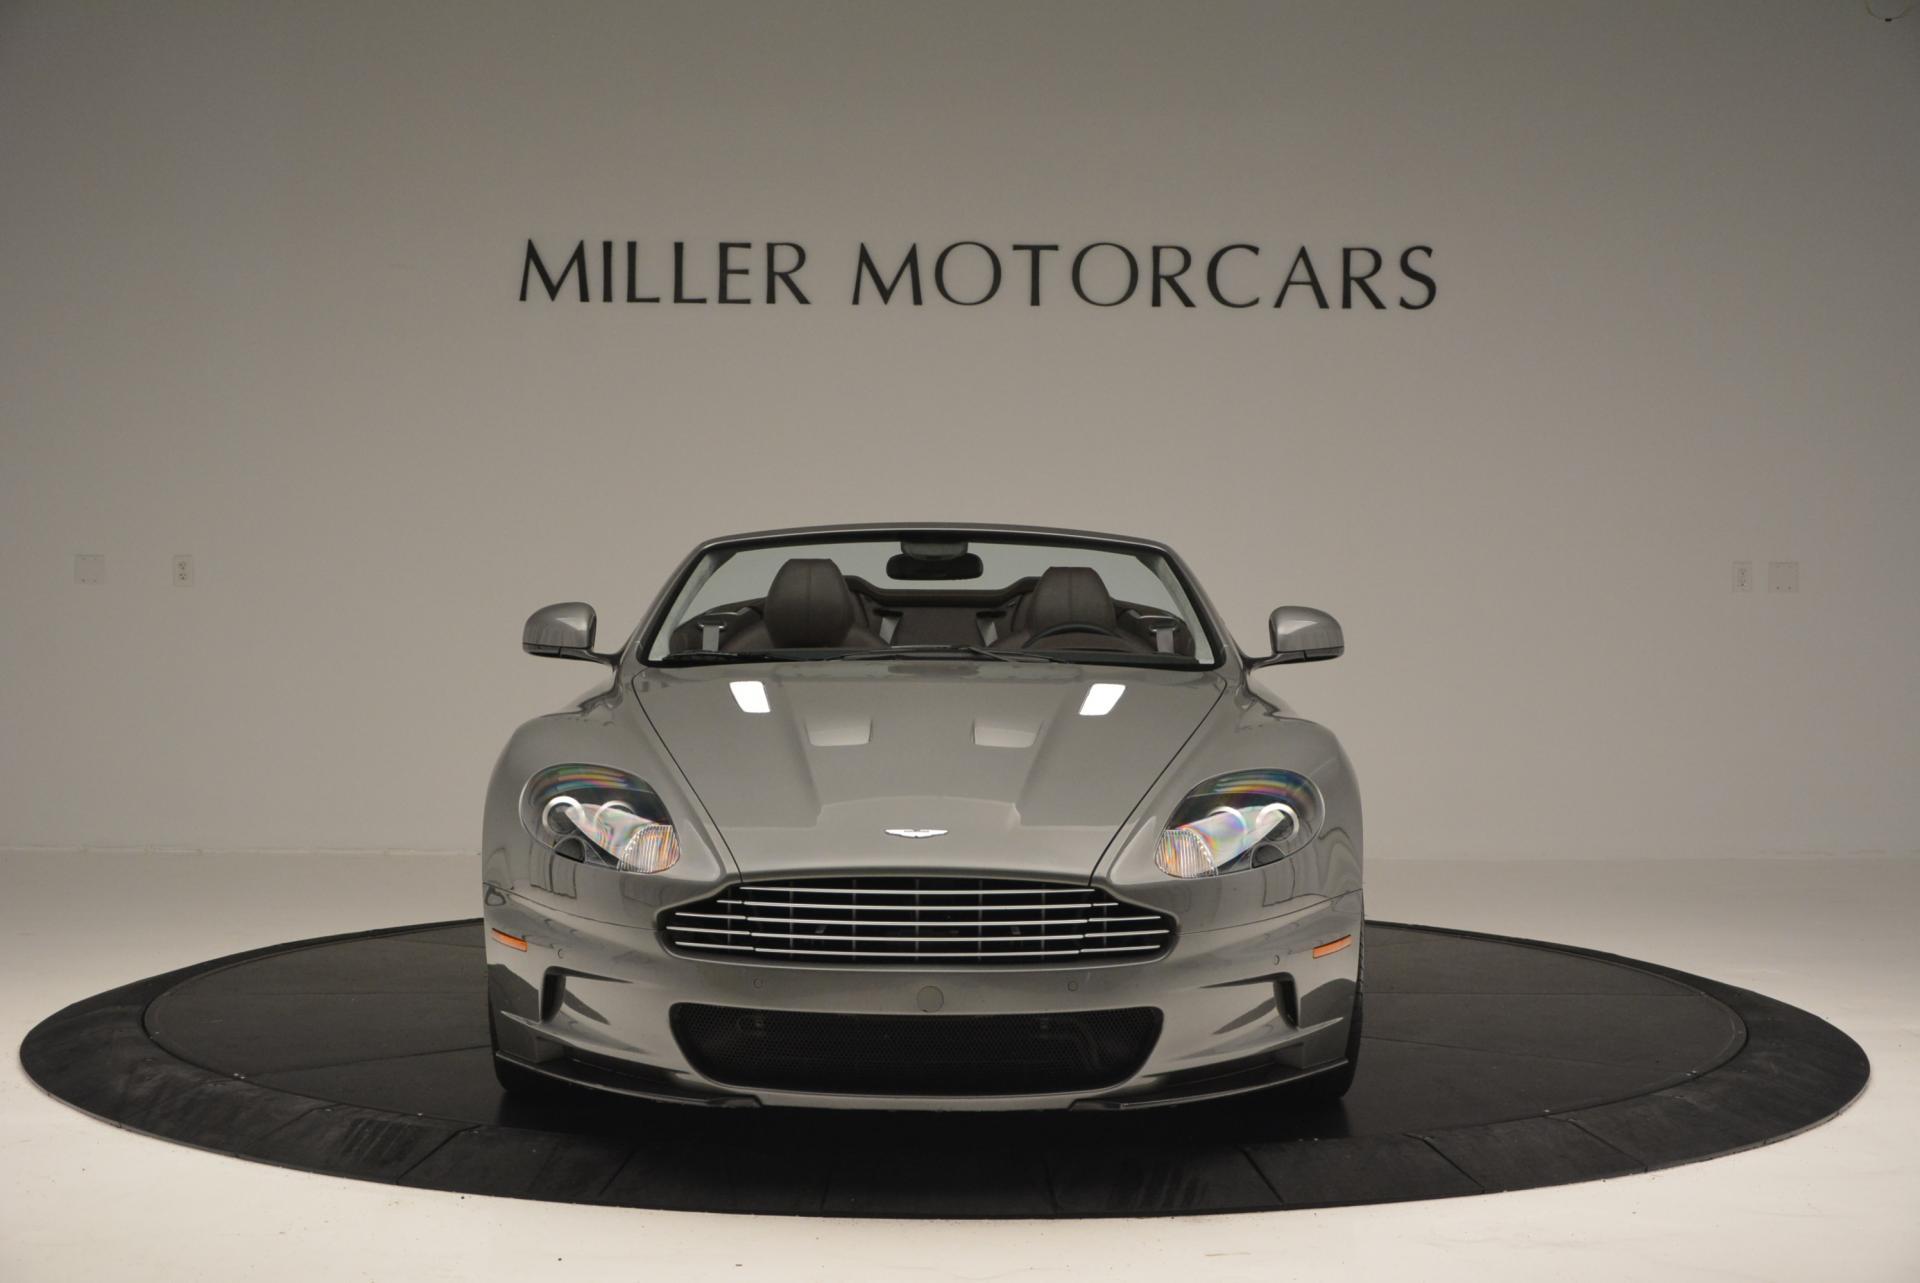 Used 2010 Aston Martin DBS Volante For Sale In Greenwich, CT. Alfa Romeo of Greenwich, 7035 87_p12